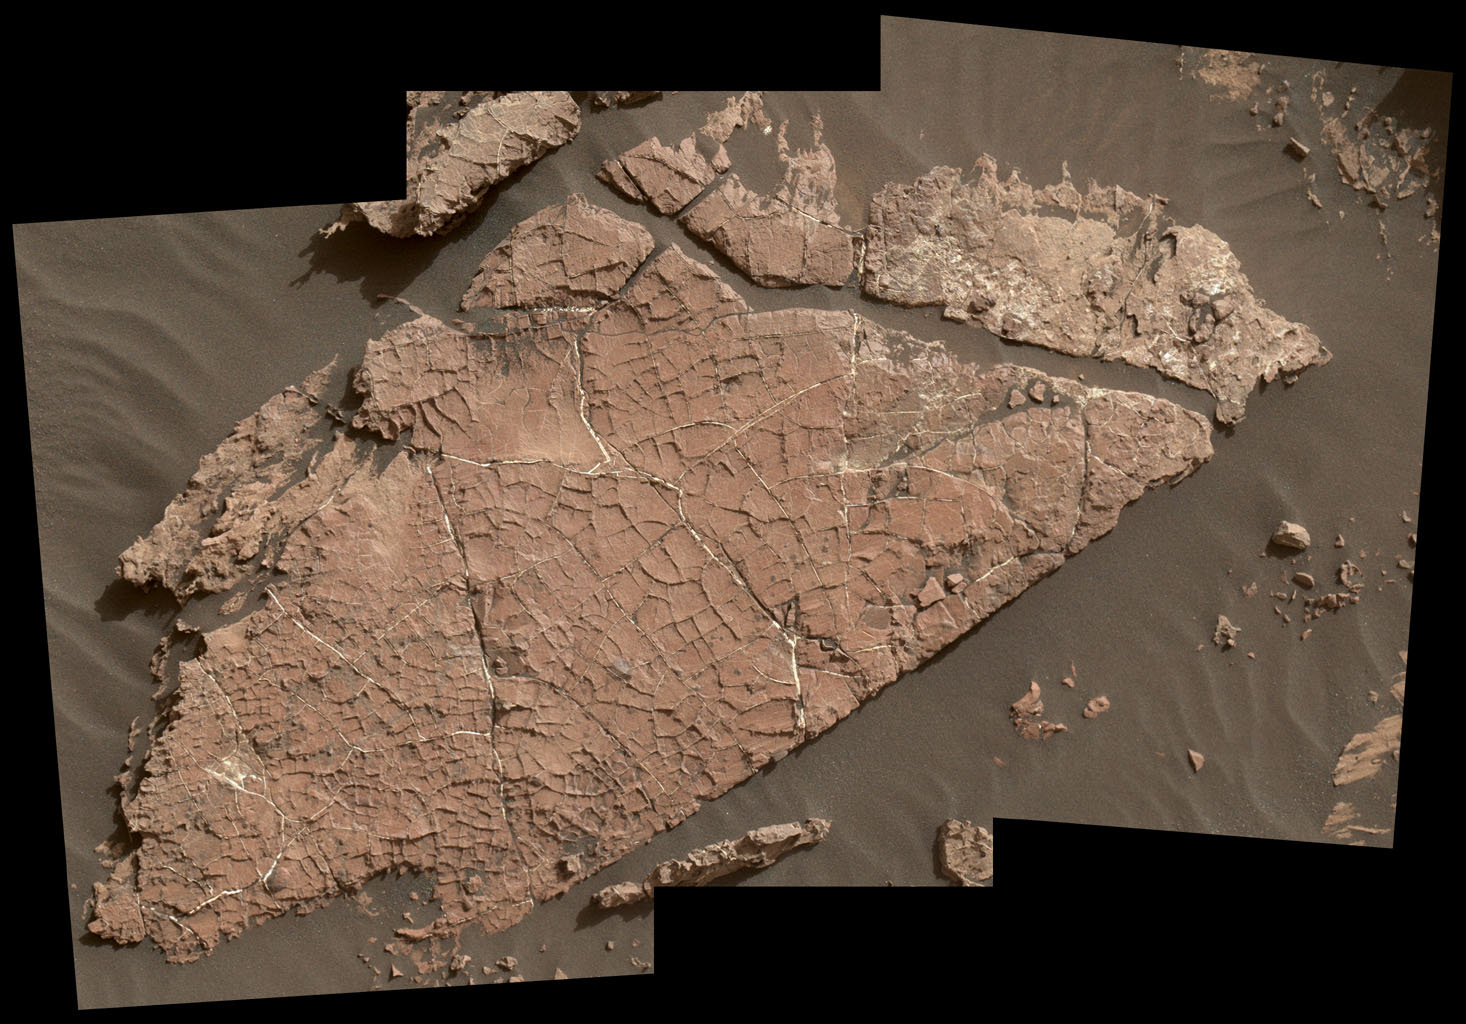 Грязевые трещины наМарсе сообщают о наличие воды впрошлом— Ученые